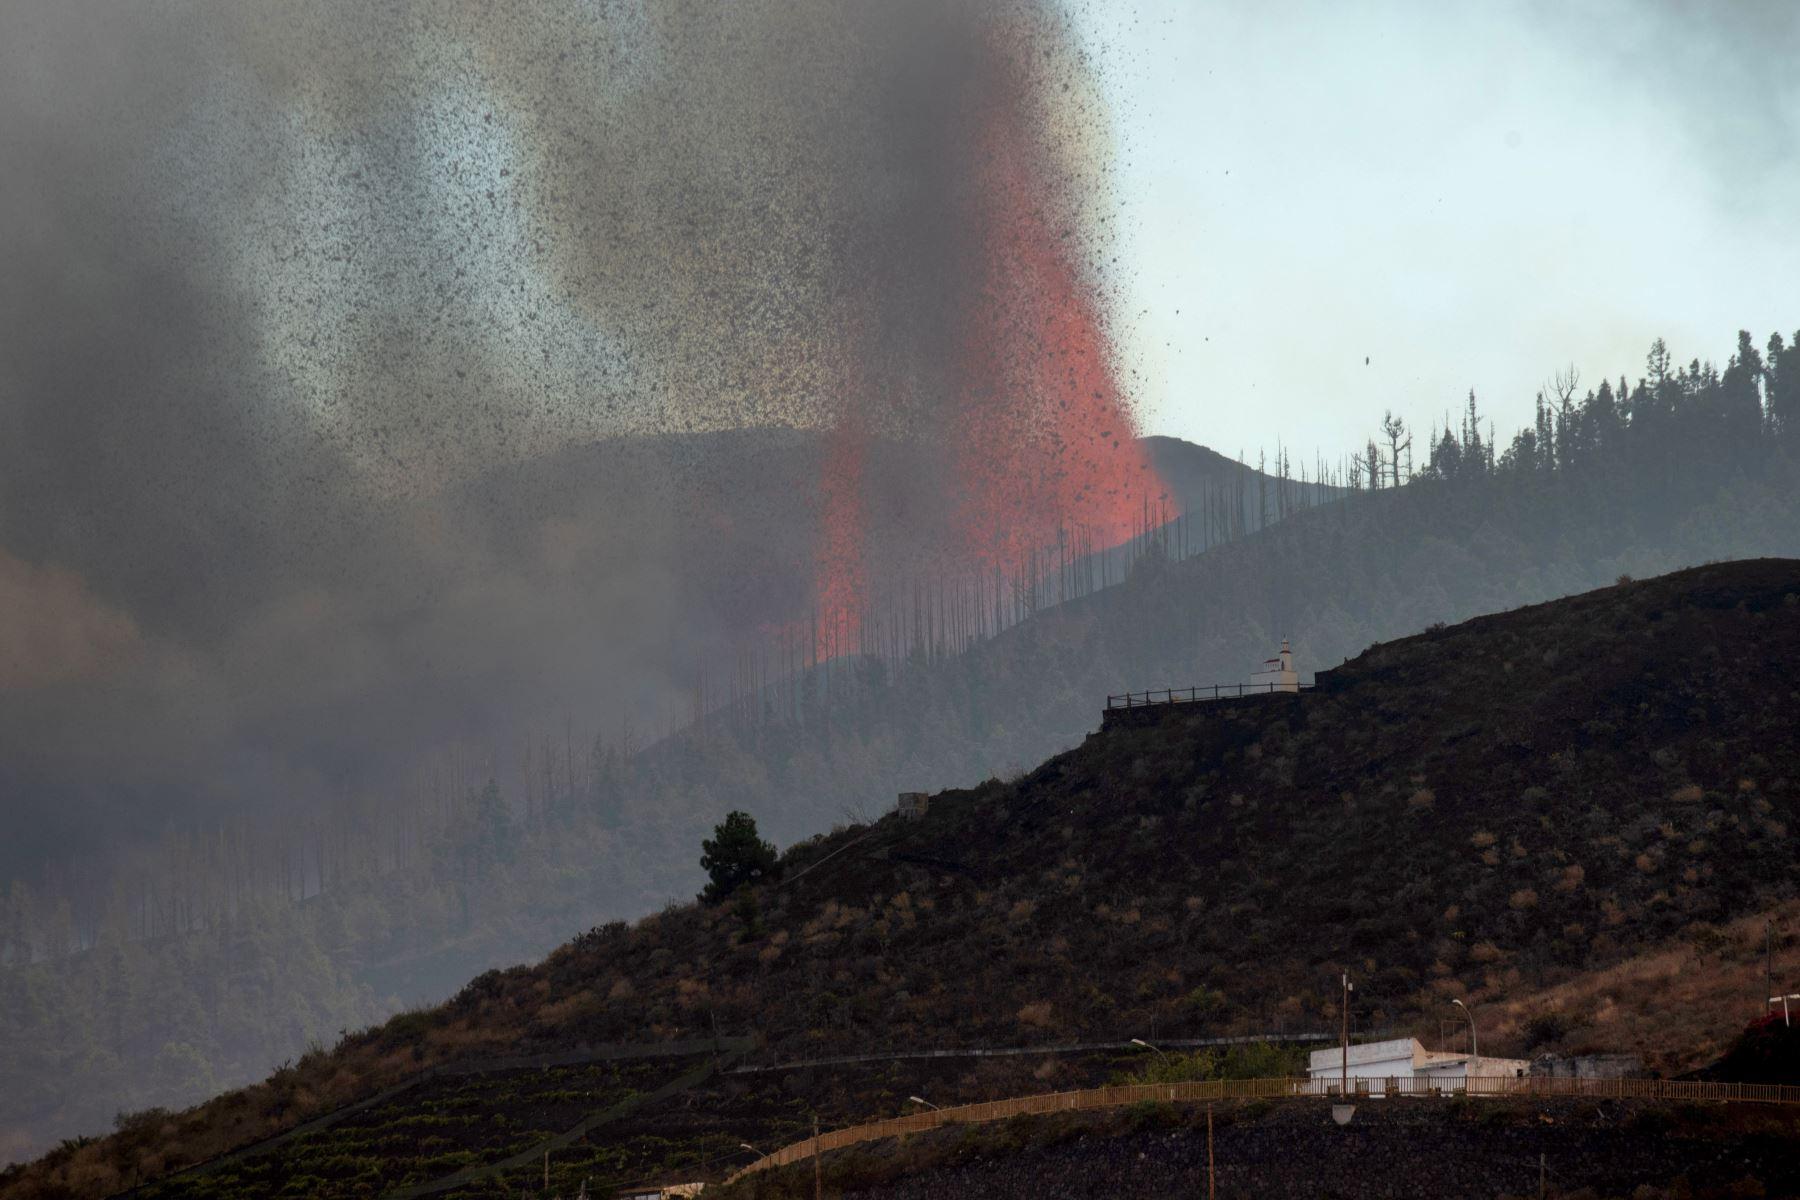 La erupción de un volcán en la isla de La Palma, en el archipiélago español de Canarias, provocó la destrucción de unas cien casas alcanzadas por las coladas de lava. Foto: AFP